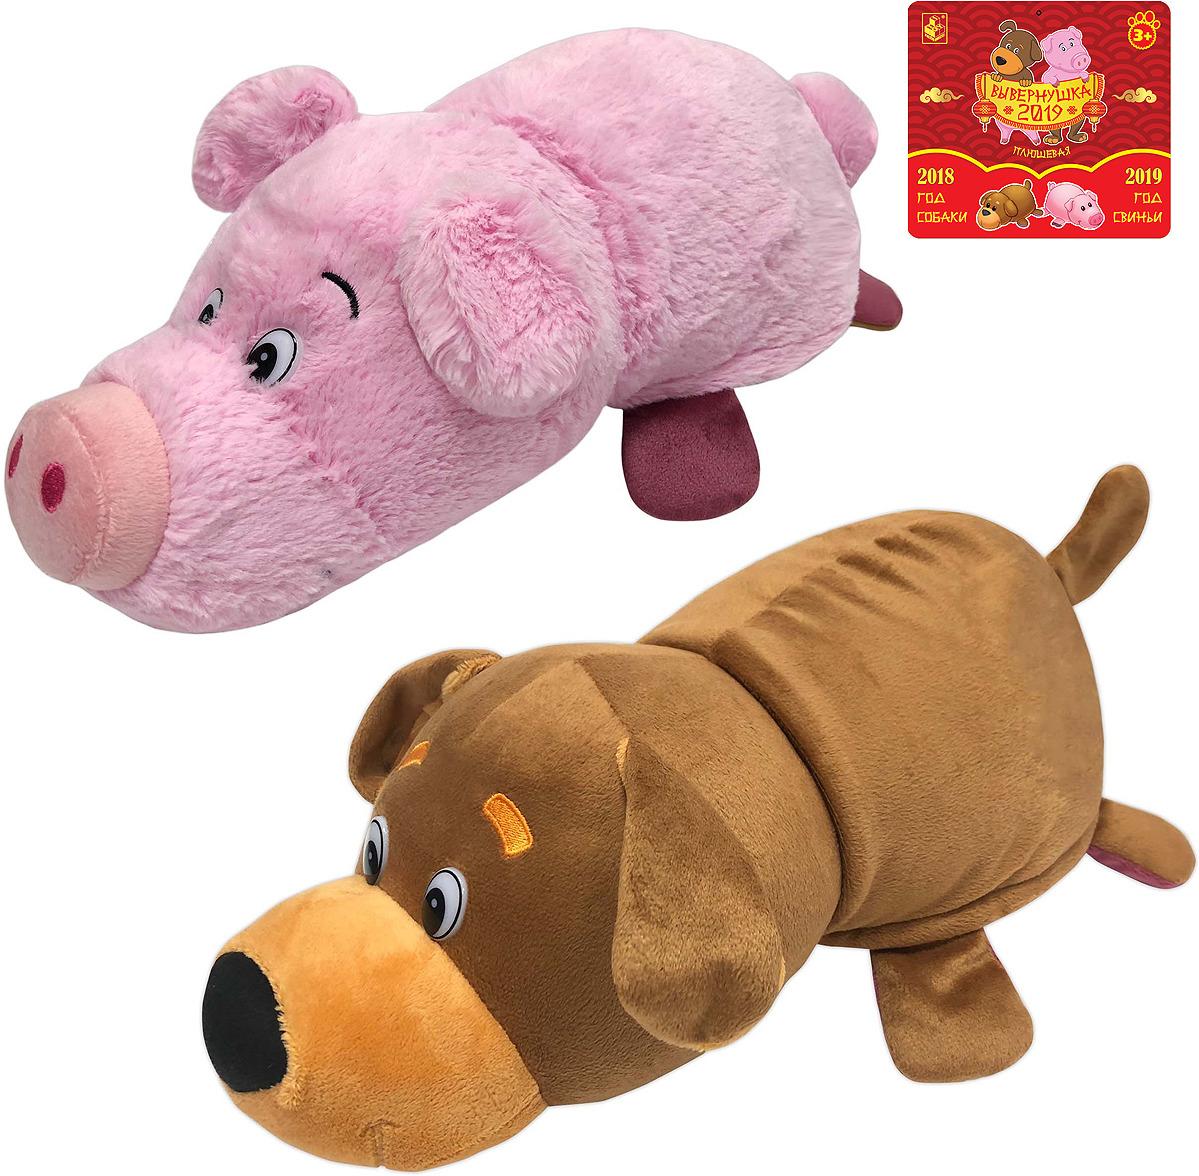 Мягкая игрушка 1TOY Вывернушка 2 в 1 Символы года Собака-Свинья, Т13796-18 мягкие игрушки 1toy мягкая игрушка 1toy вывернушка 20 см в асс